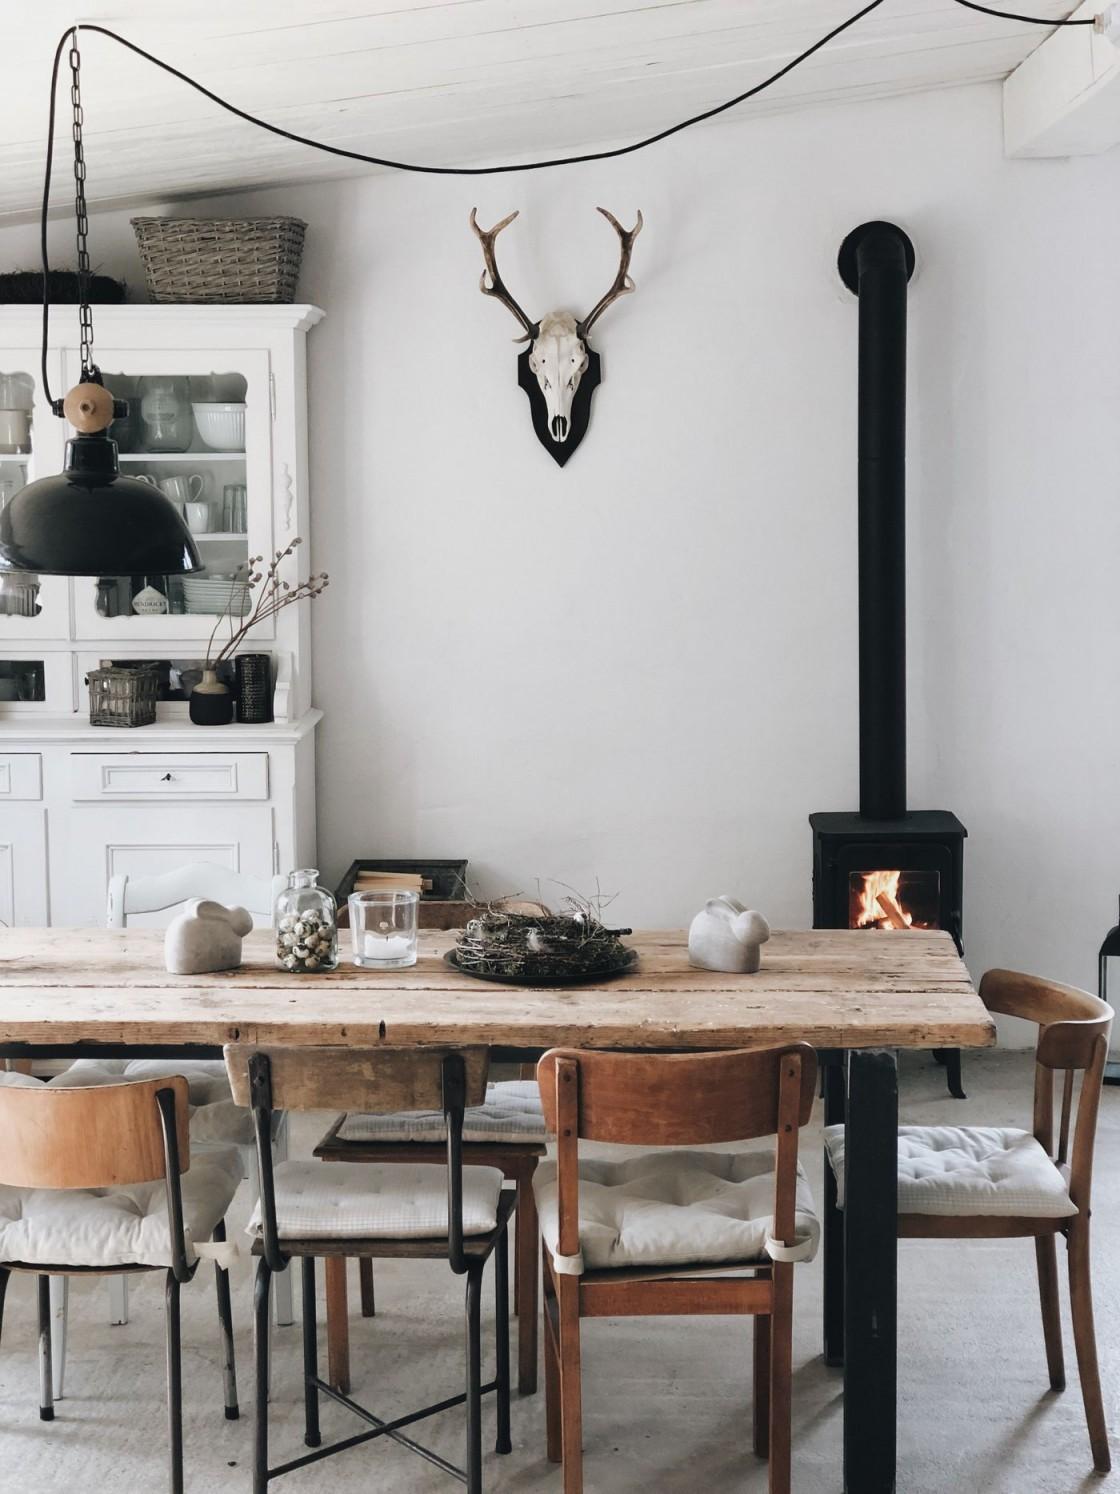 Die Schönsten Wohnideen Im Landhausstil von Landhaus Schlafzimmer Ideen Bild